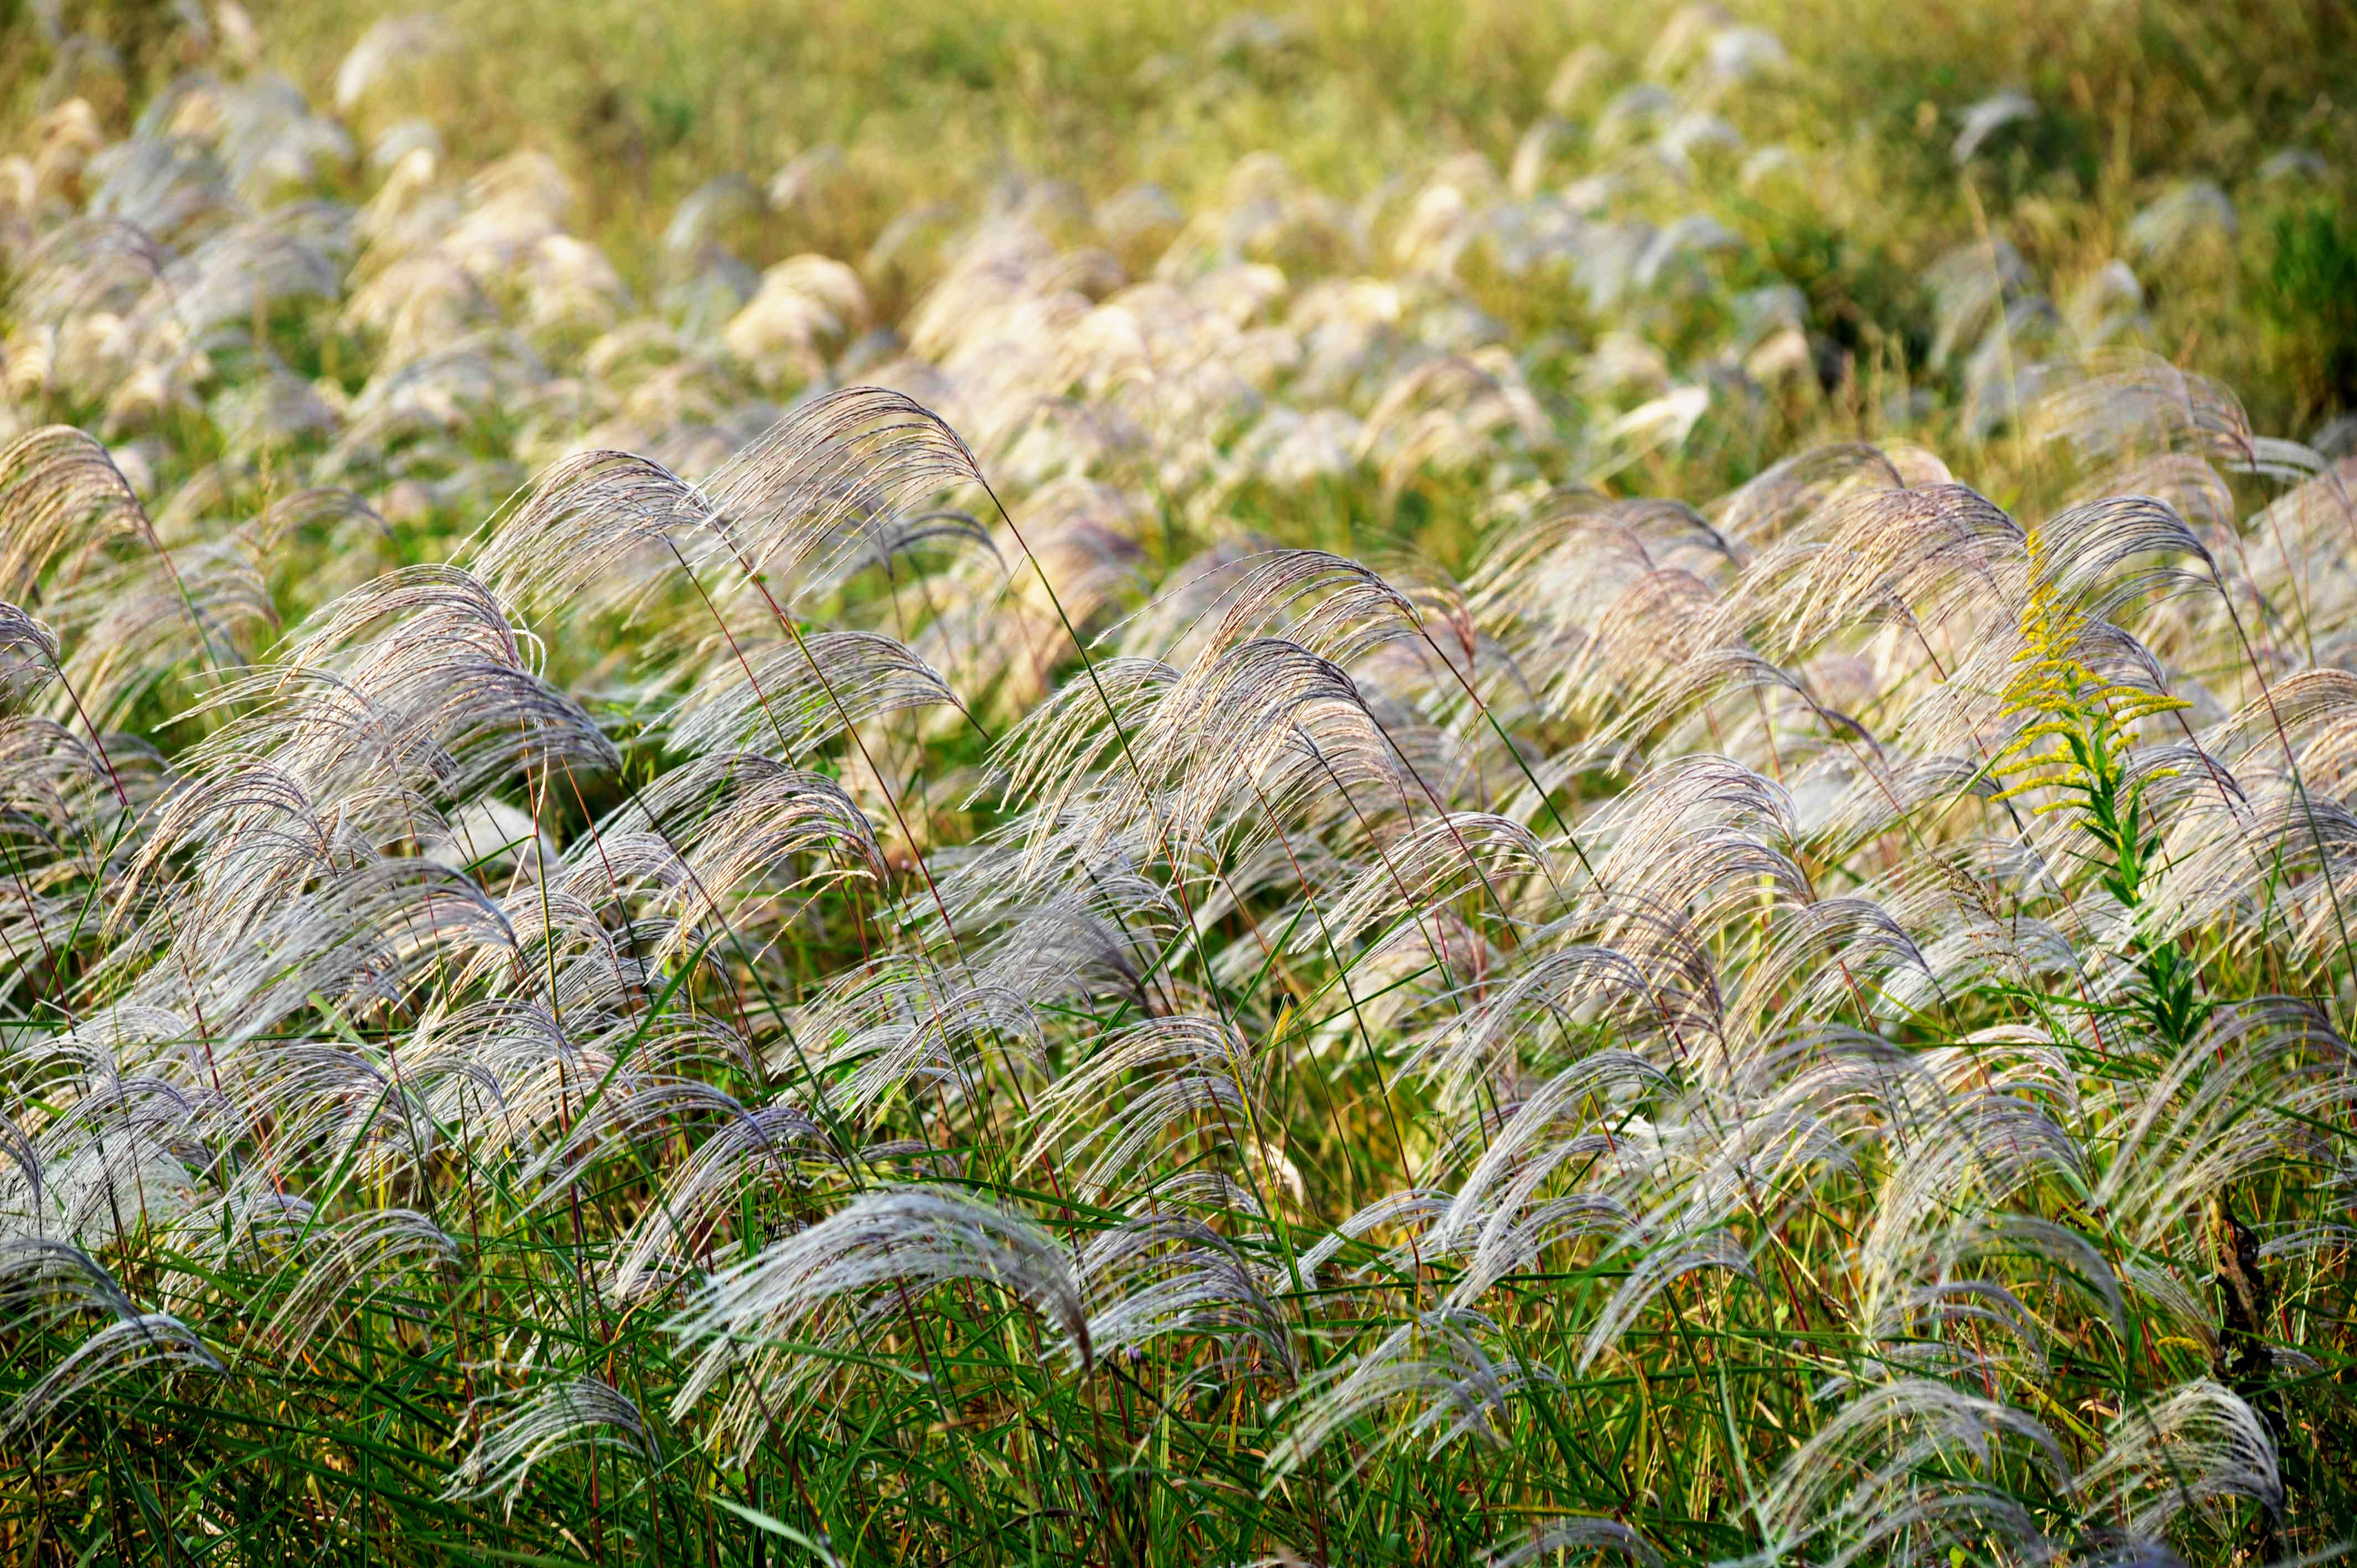 芦苇在秋风中摇曳生姿